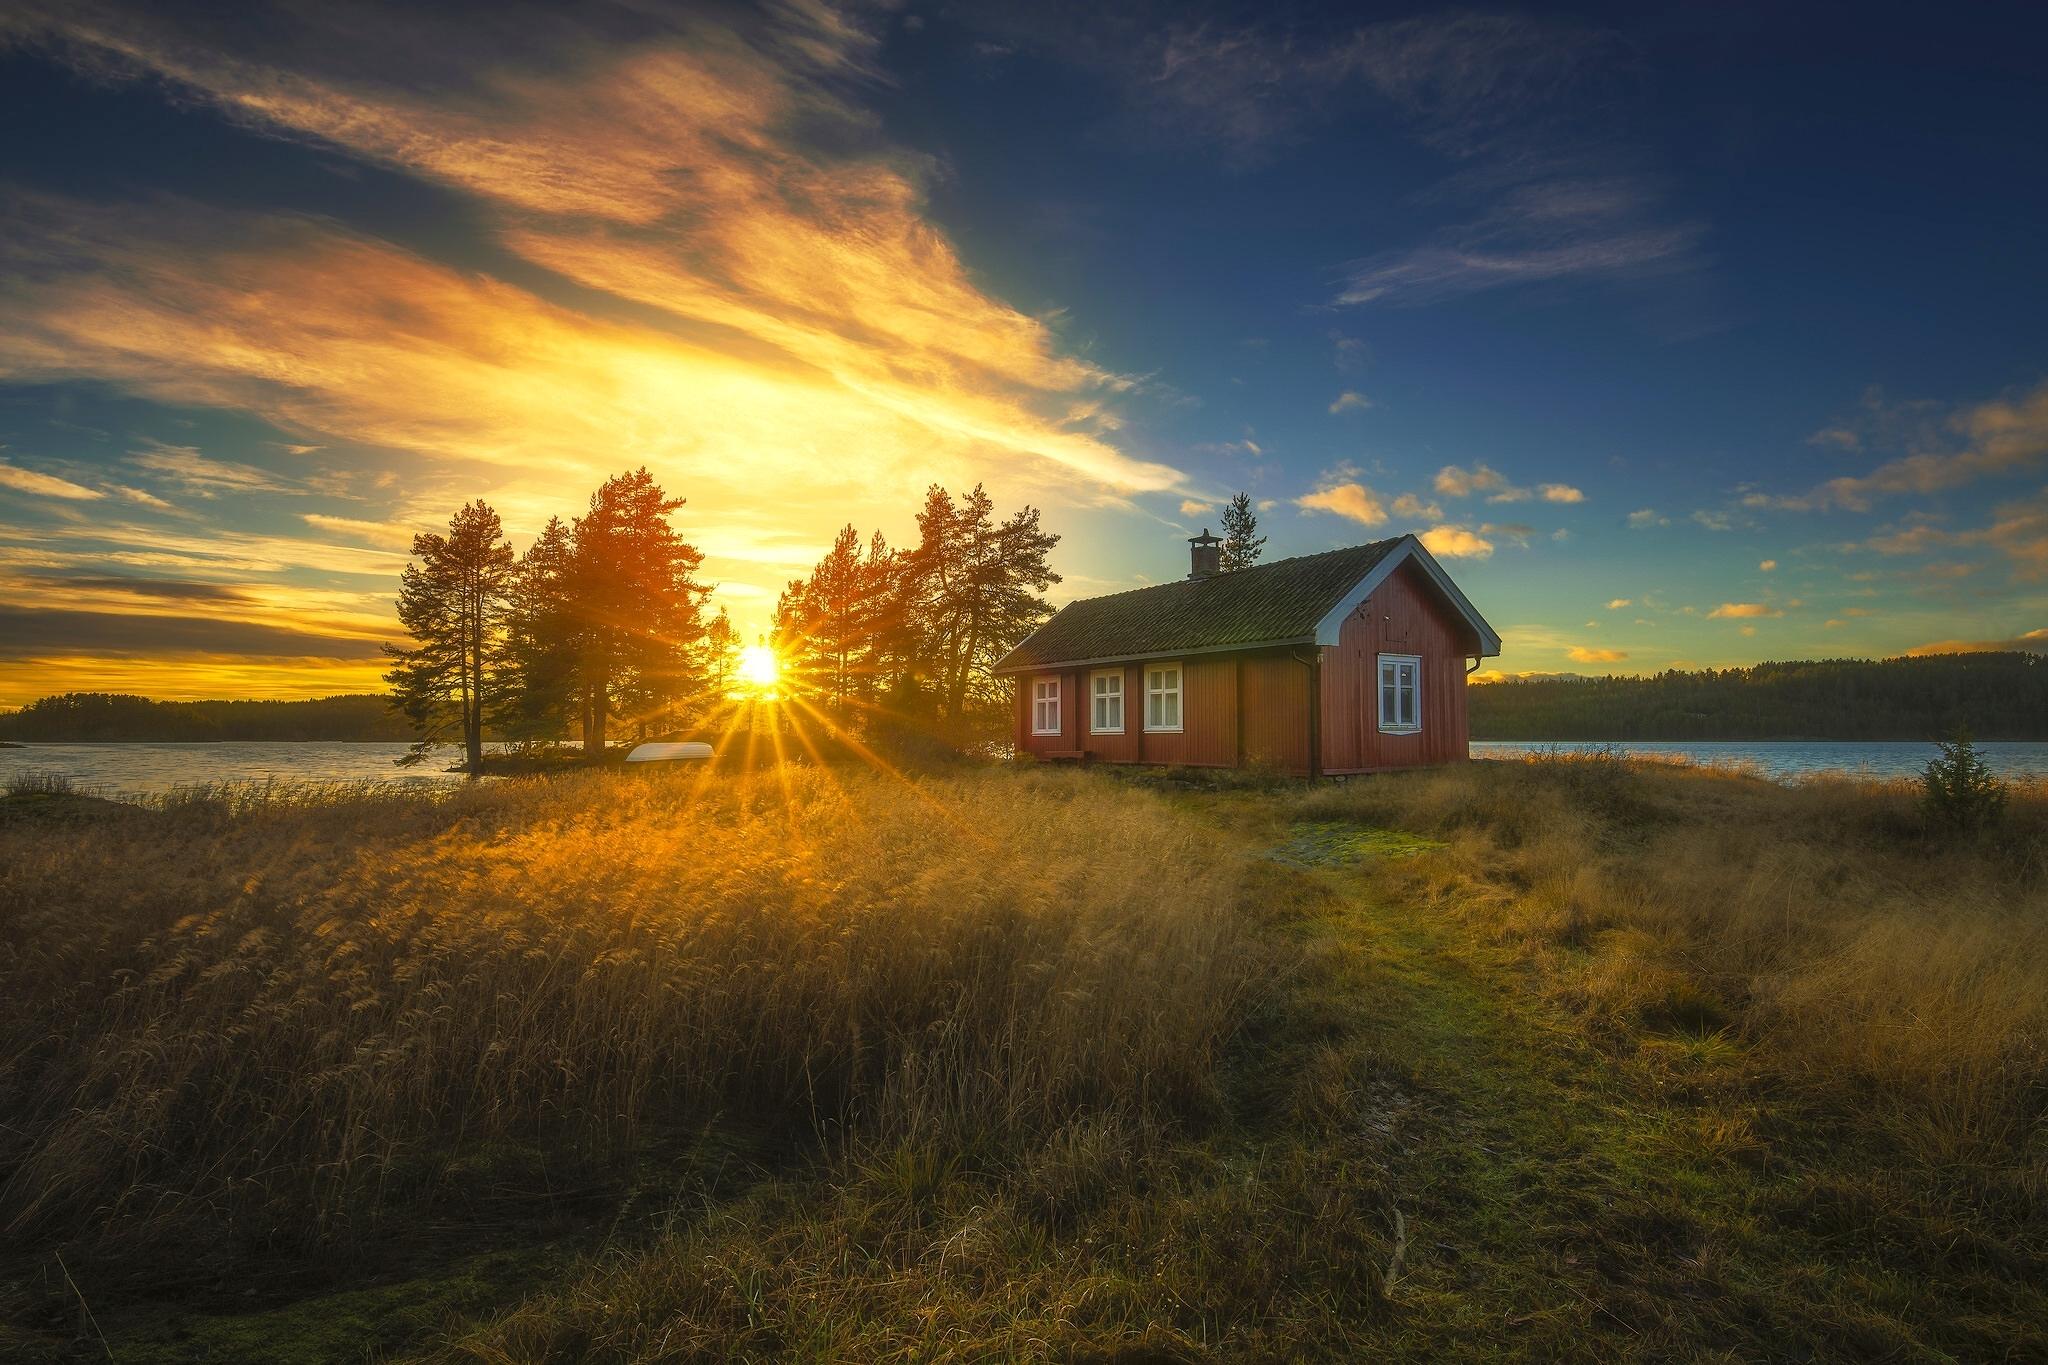 Восход солнца на окраине леса  № 1409544 бесплатно